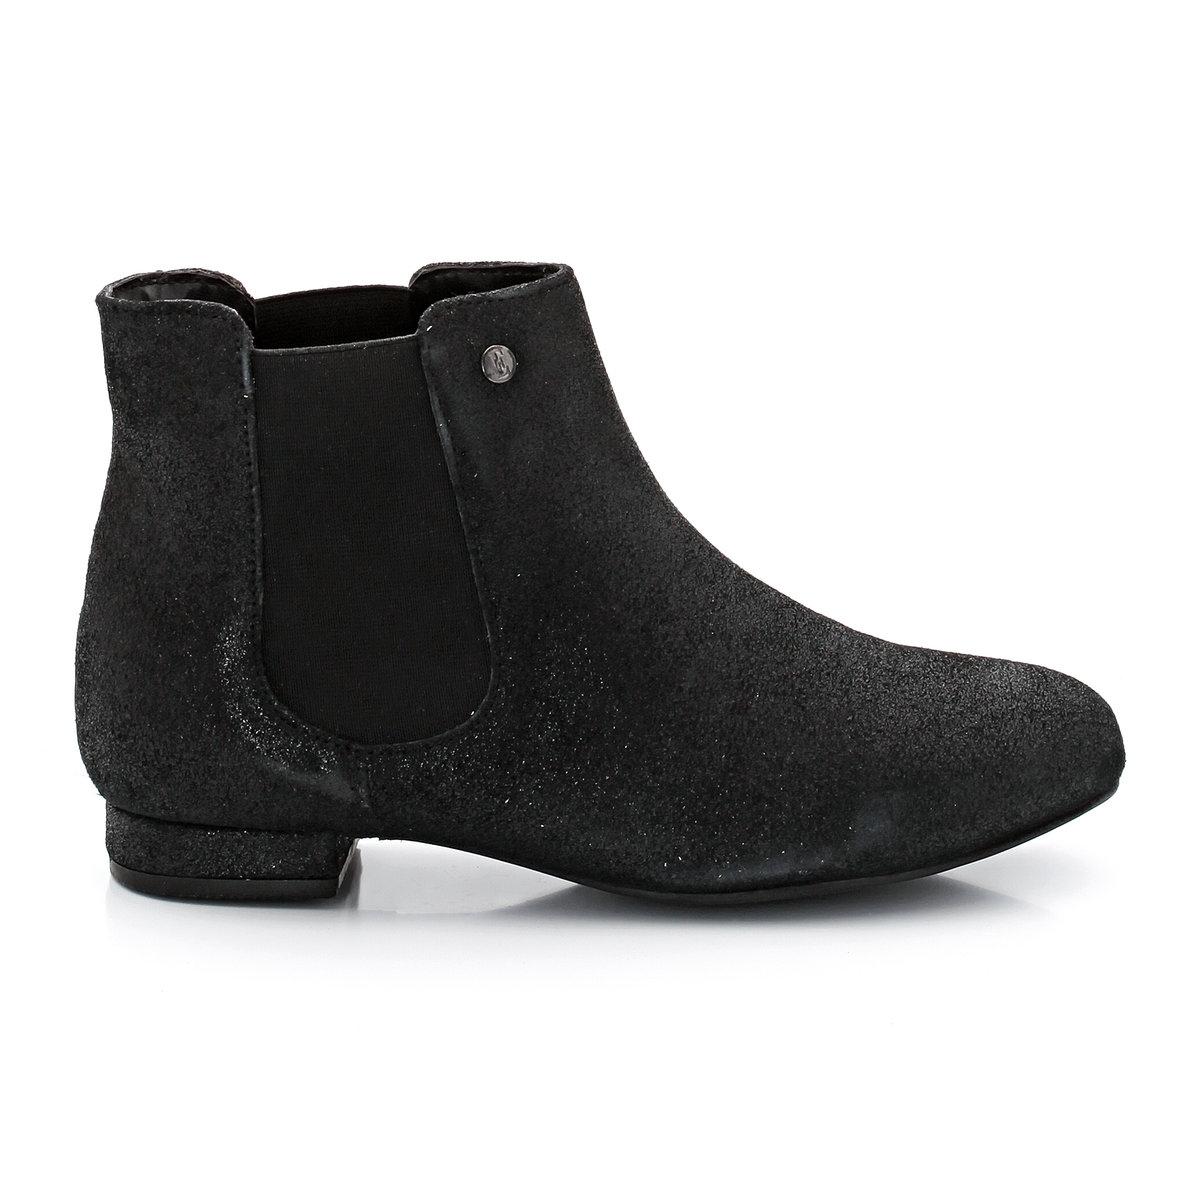 Ботинки из невыделанной кожи в стиле челсиБотинки в стиле челси для создания модного женственного образа: только ELLE!<br><br>Цвет: черный<br>Размер: 40